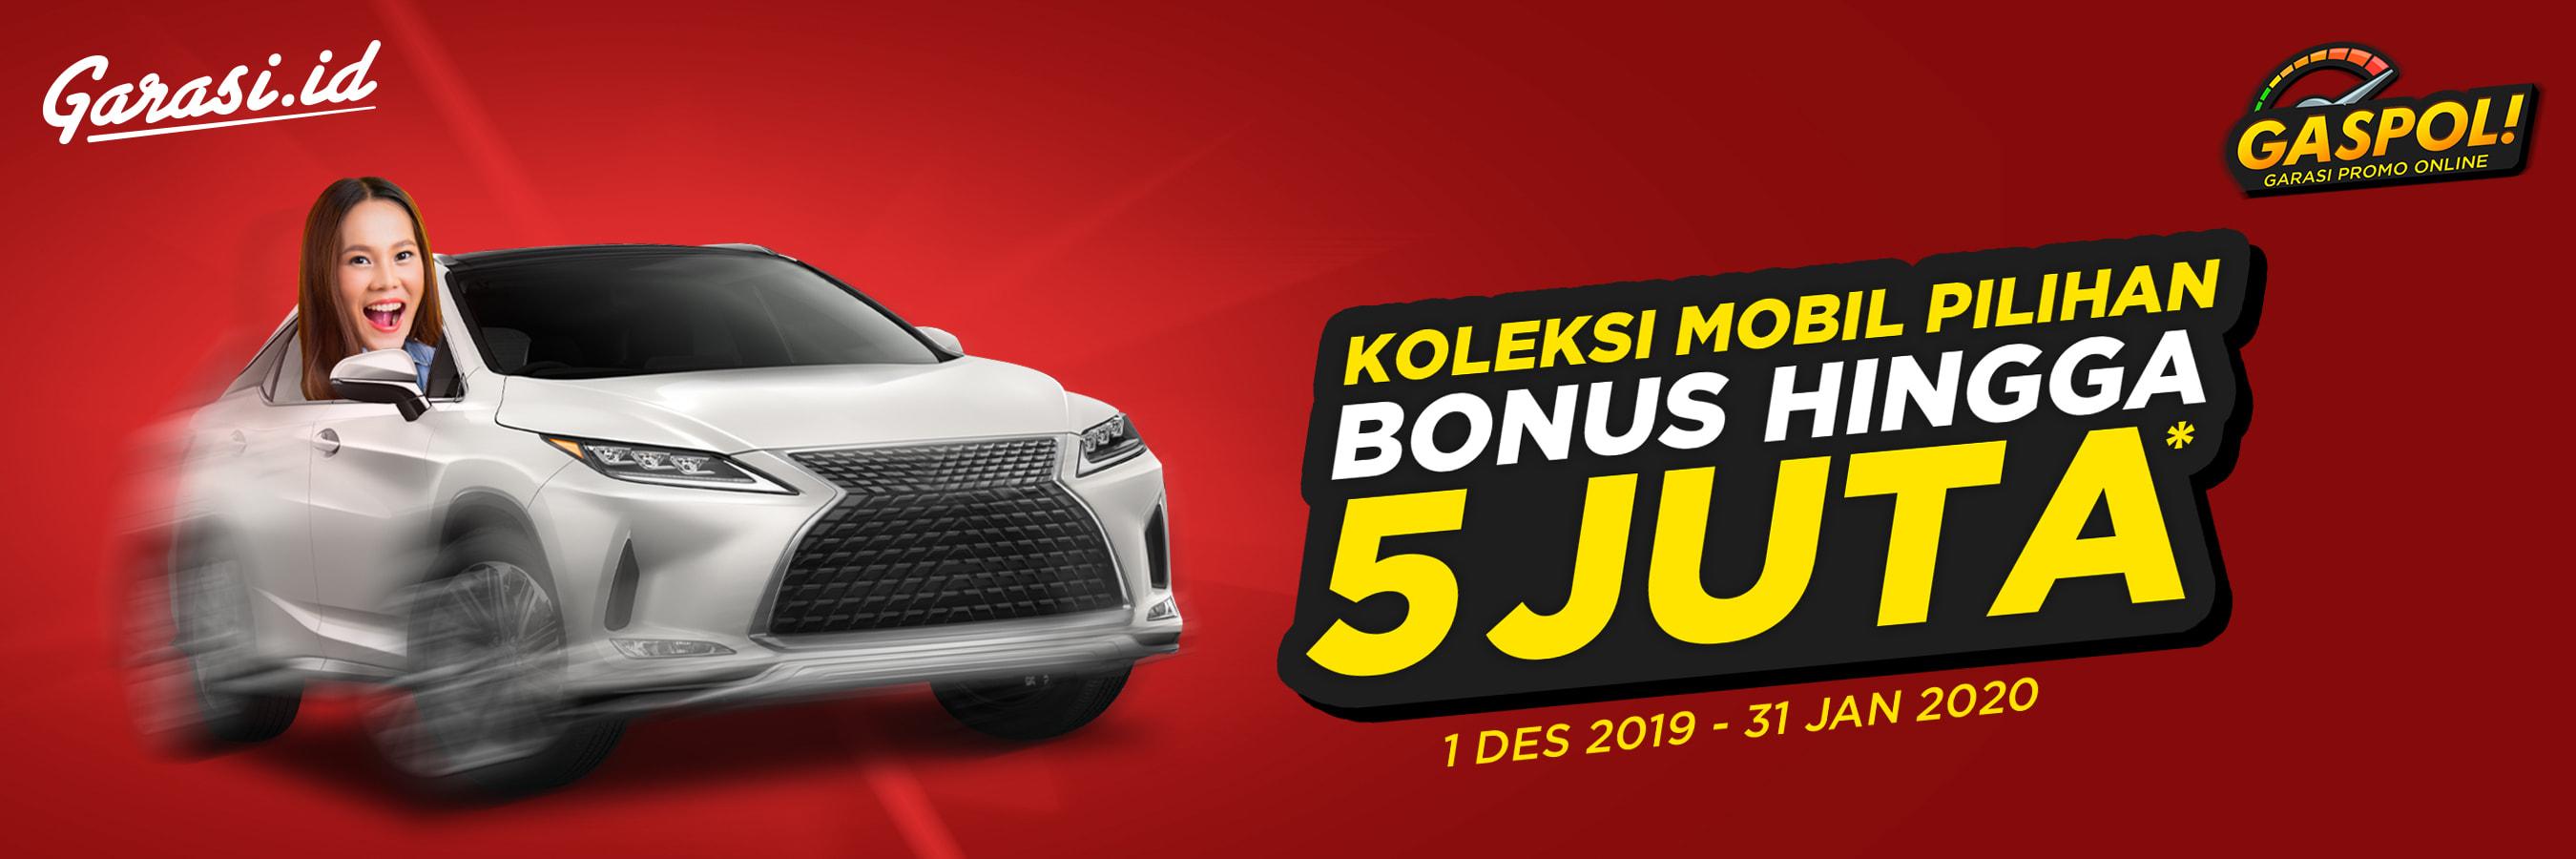 Beli Mobil Dapat Bonus 5 Juta